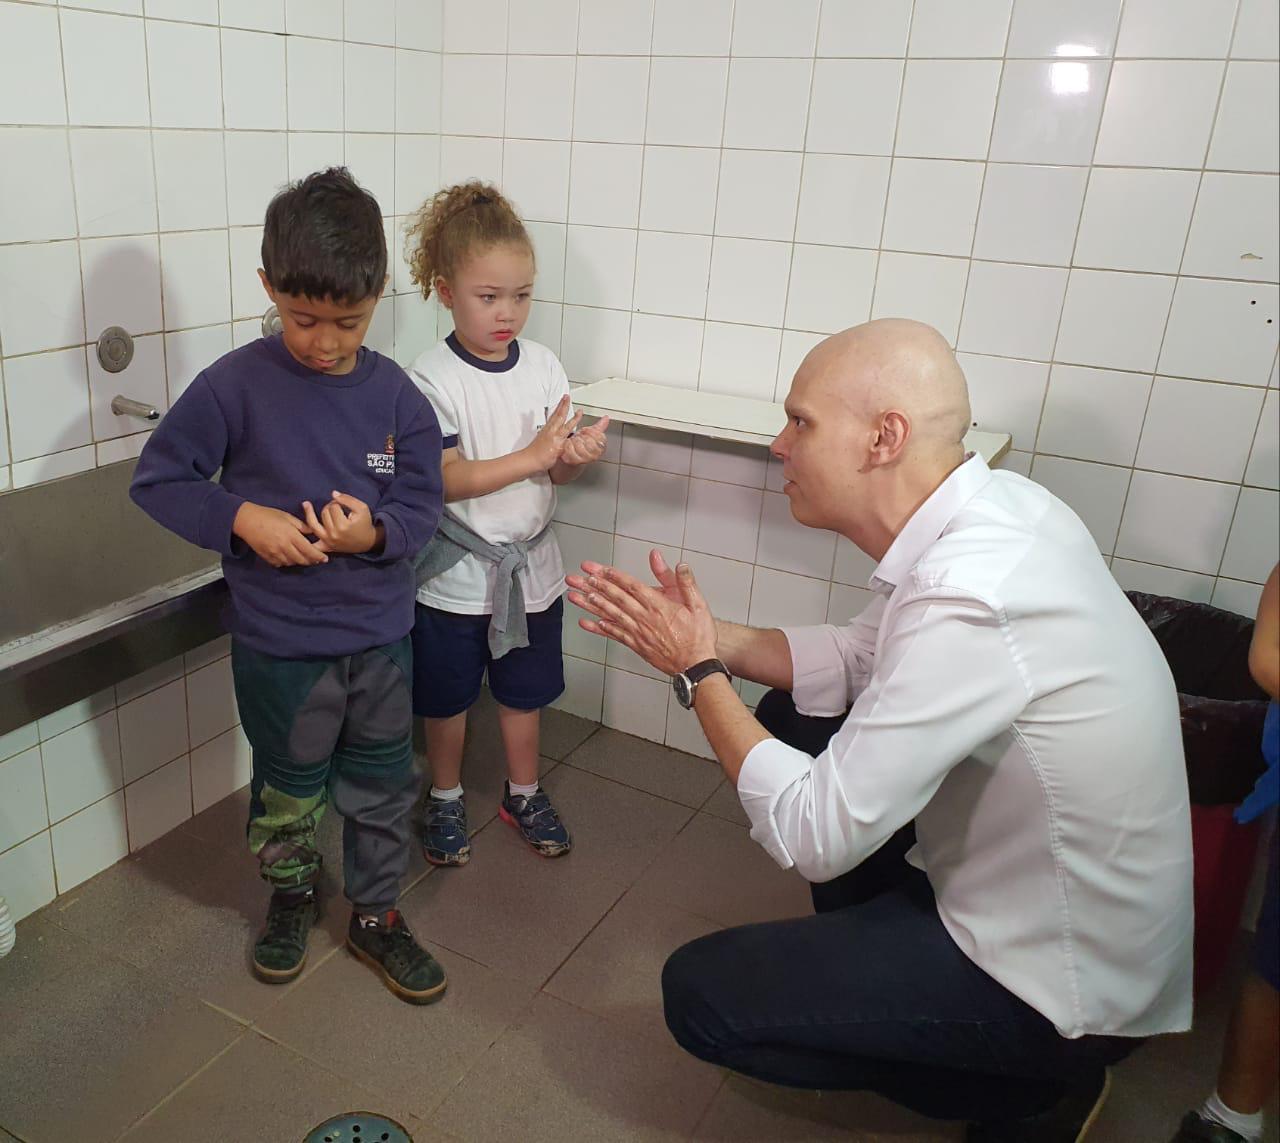 Prefeito Bruno Covas ensinou crianças o jeito certo de lavar as mãos (Divulgação: Prefeitura)